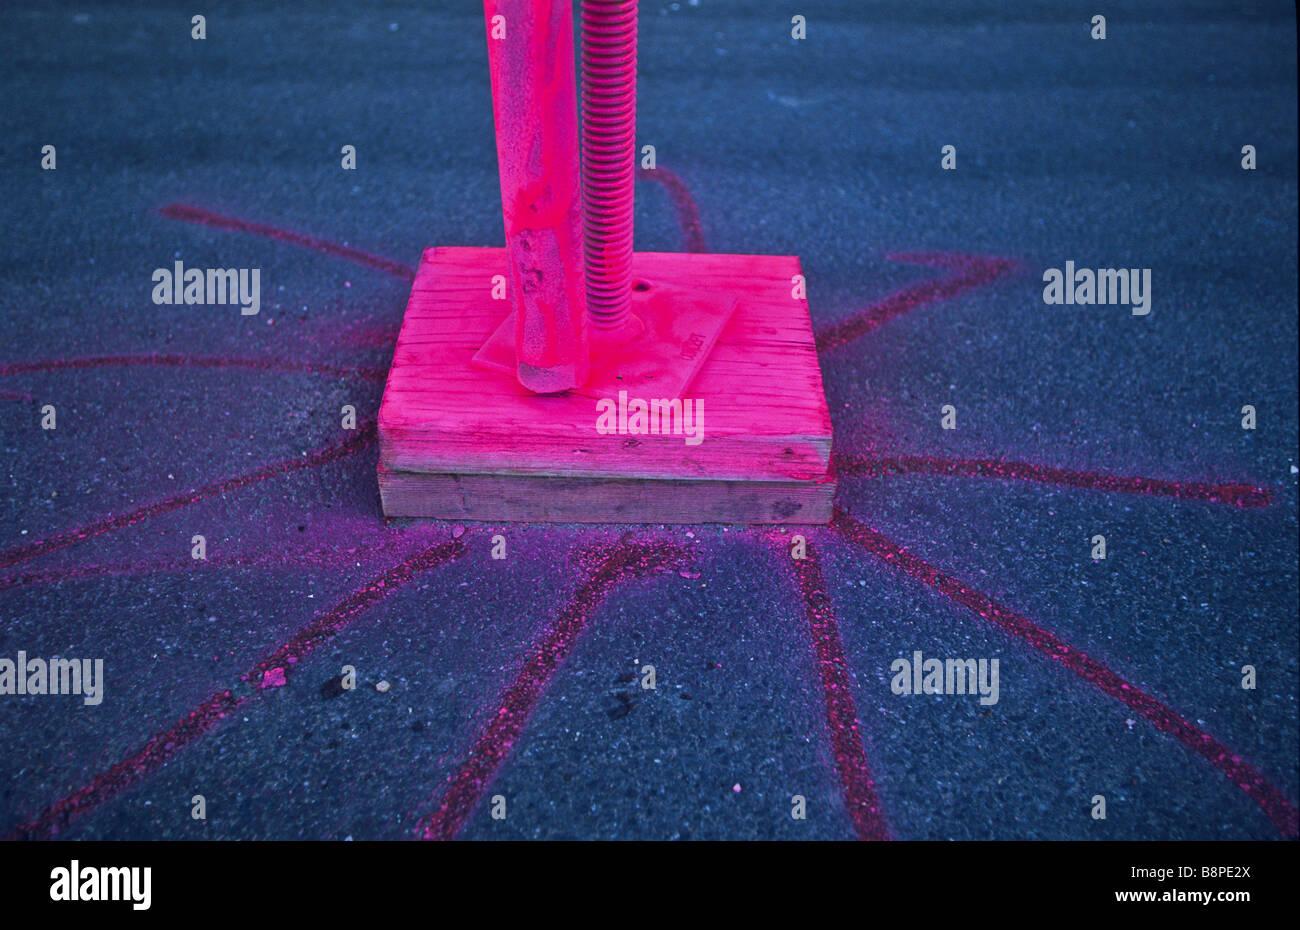 Rosa tinta fluorescente Imagens de Stock